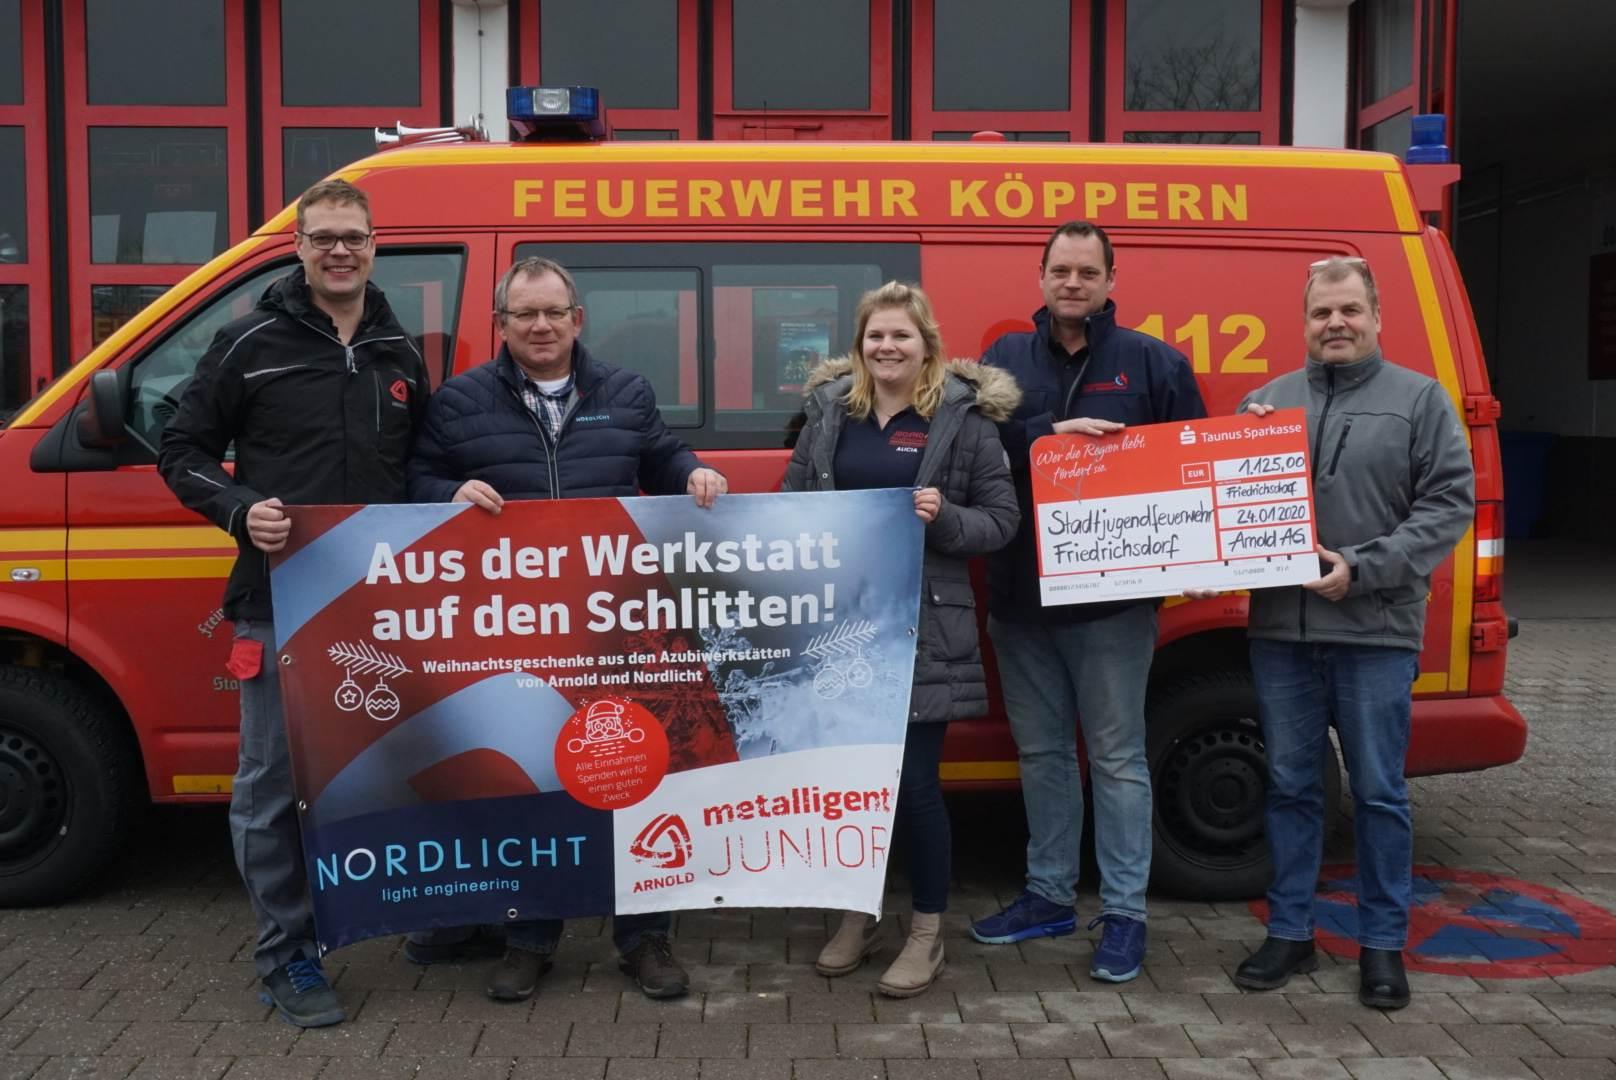 Pressefoto_Spende_JFW_Friedrichsdorf_Arnold_Nordlicht